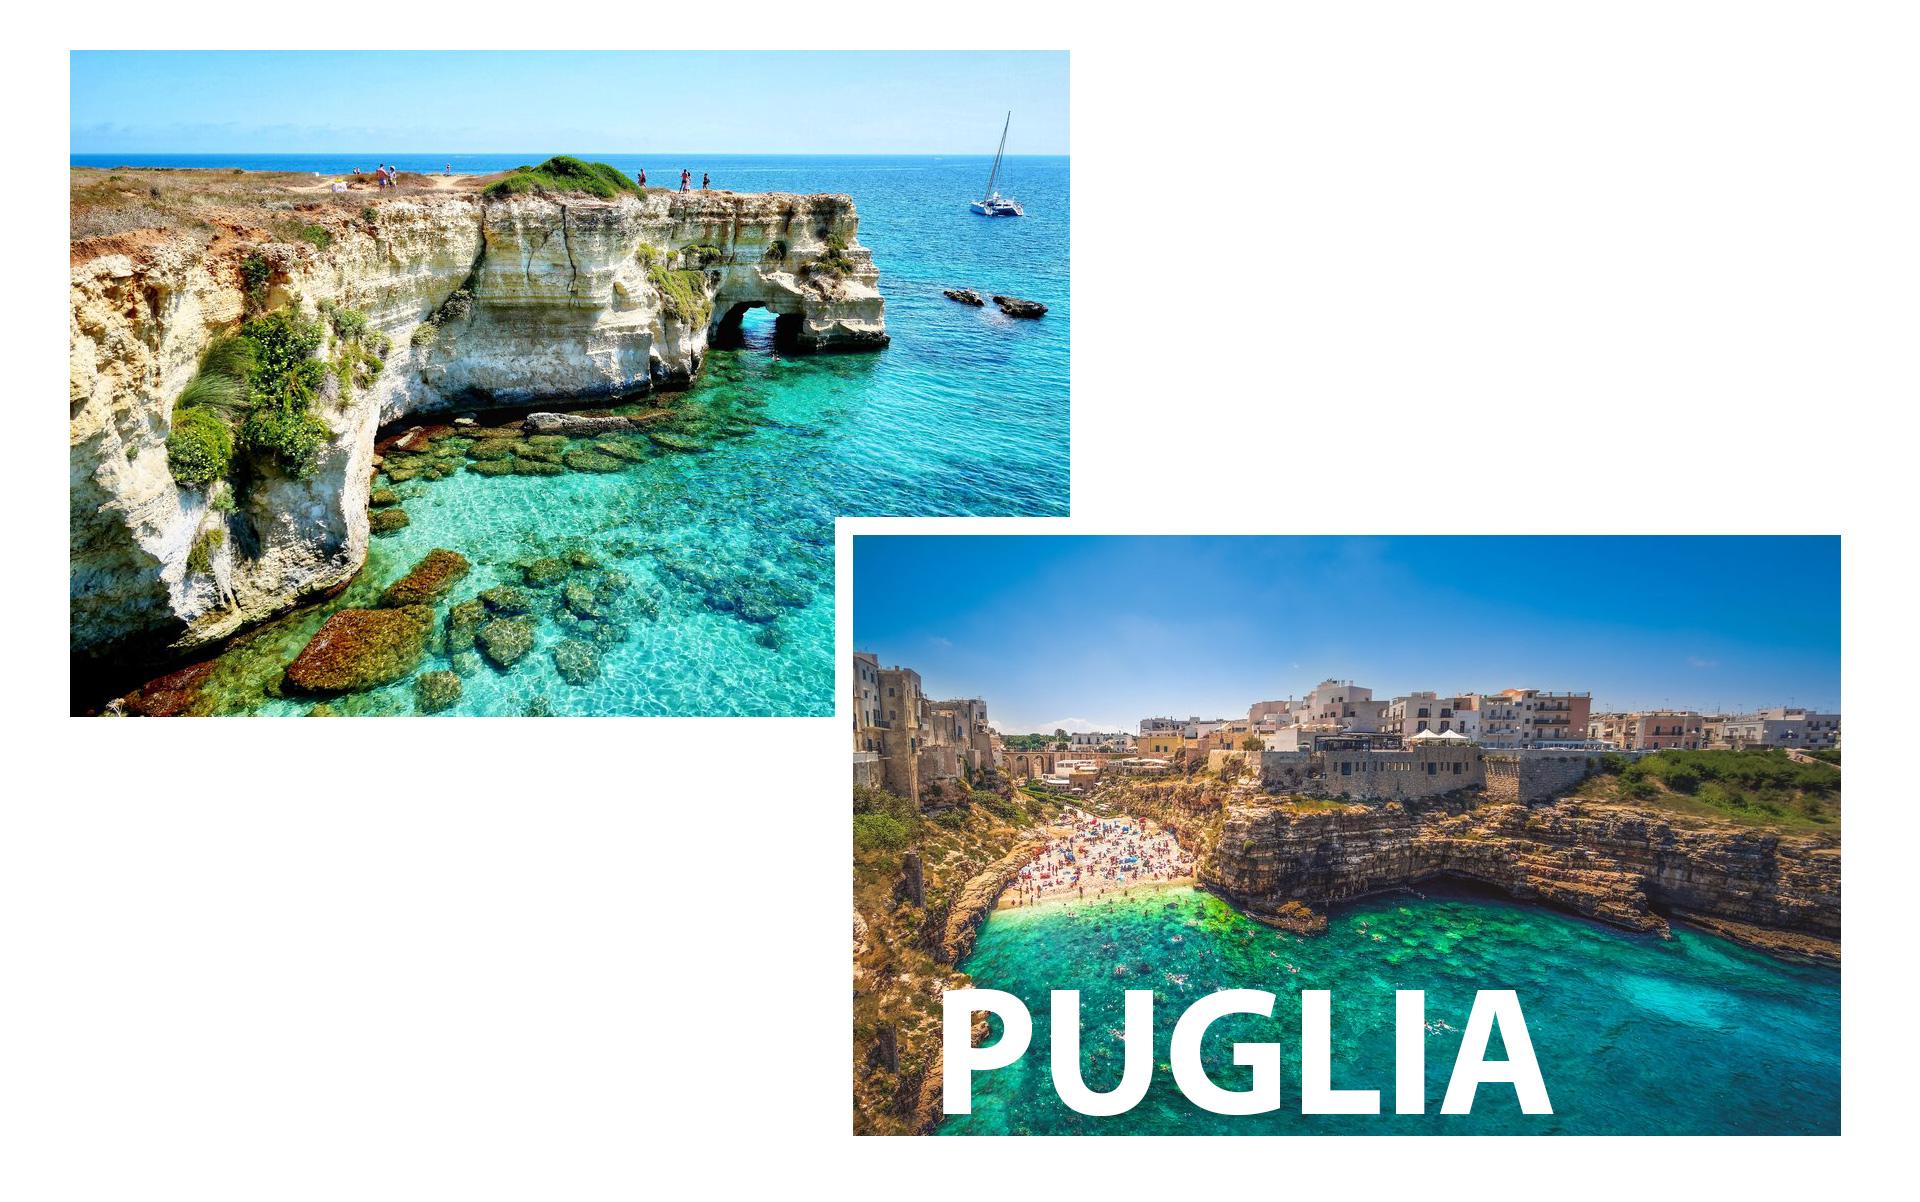 Những điểm đến tuyệt vời nhất nước Ý bạn nên đến 1 lần trong đời - 6